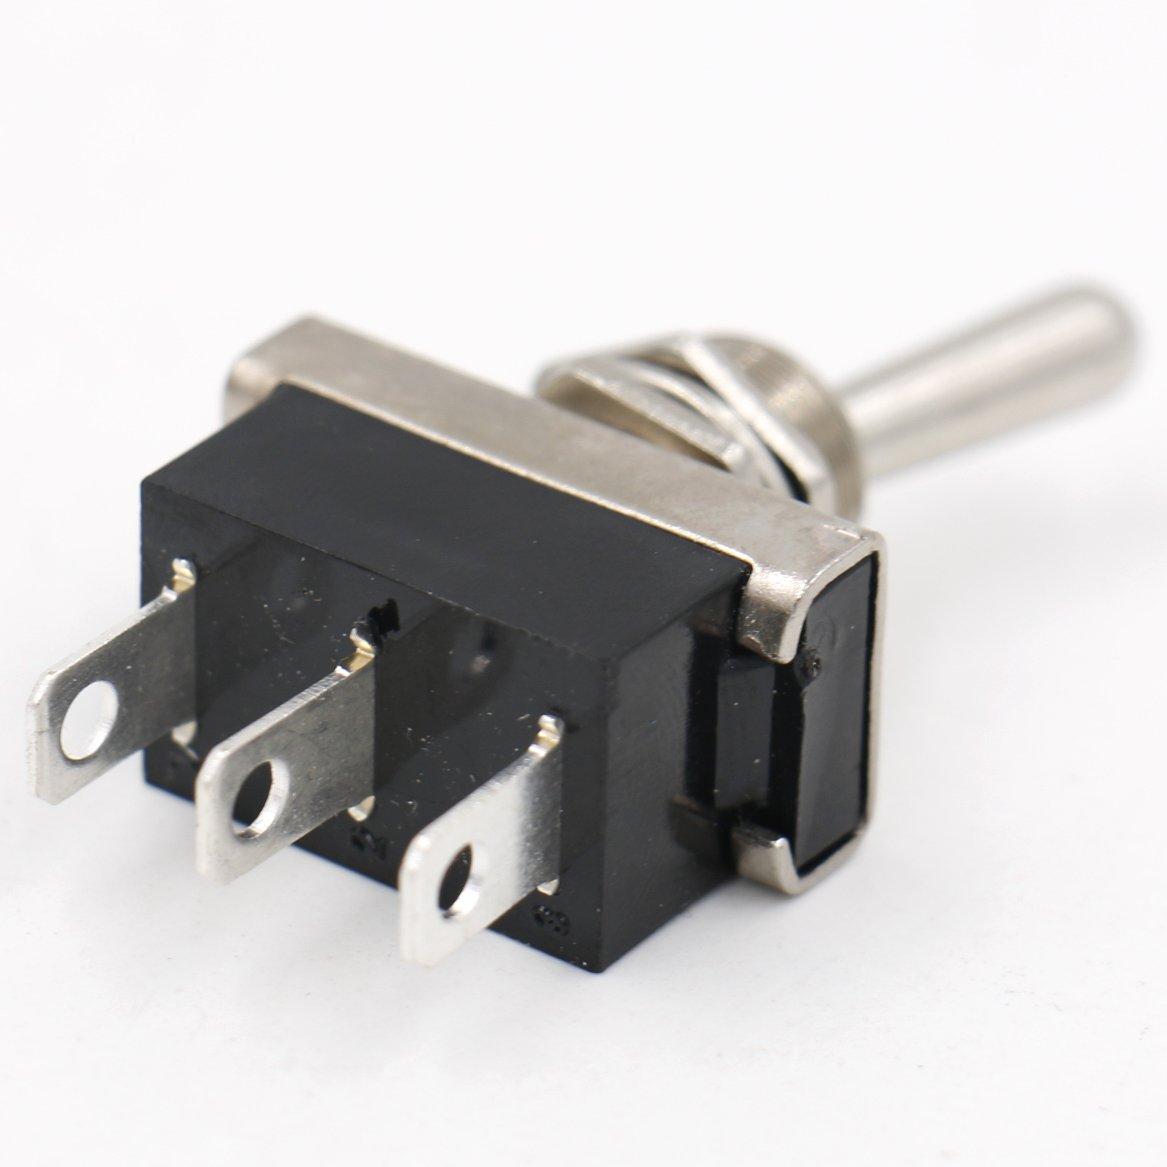 Heschen Kippschalter KN3D-102 Ein/Ein (On/On) Schalter SPDT 25A 12V ...